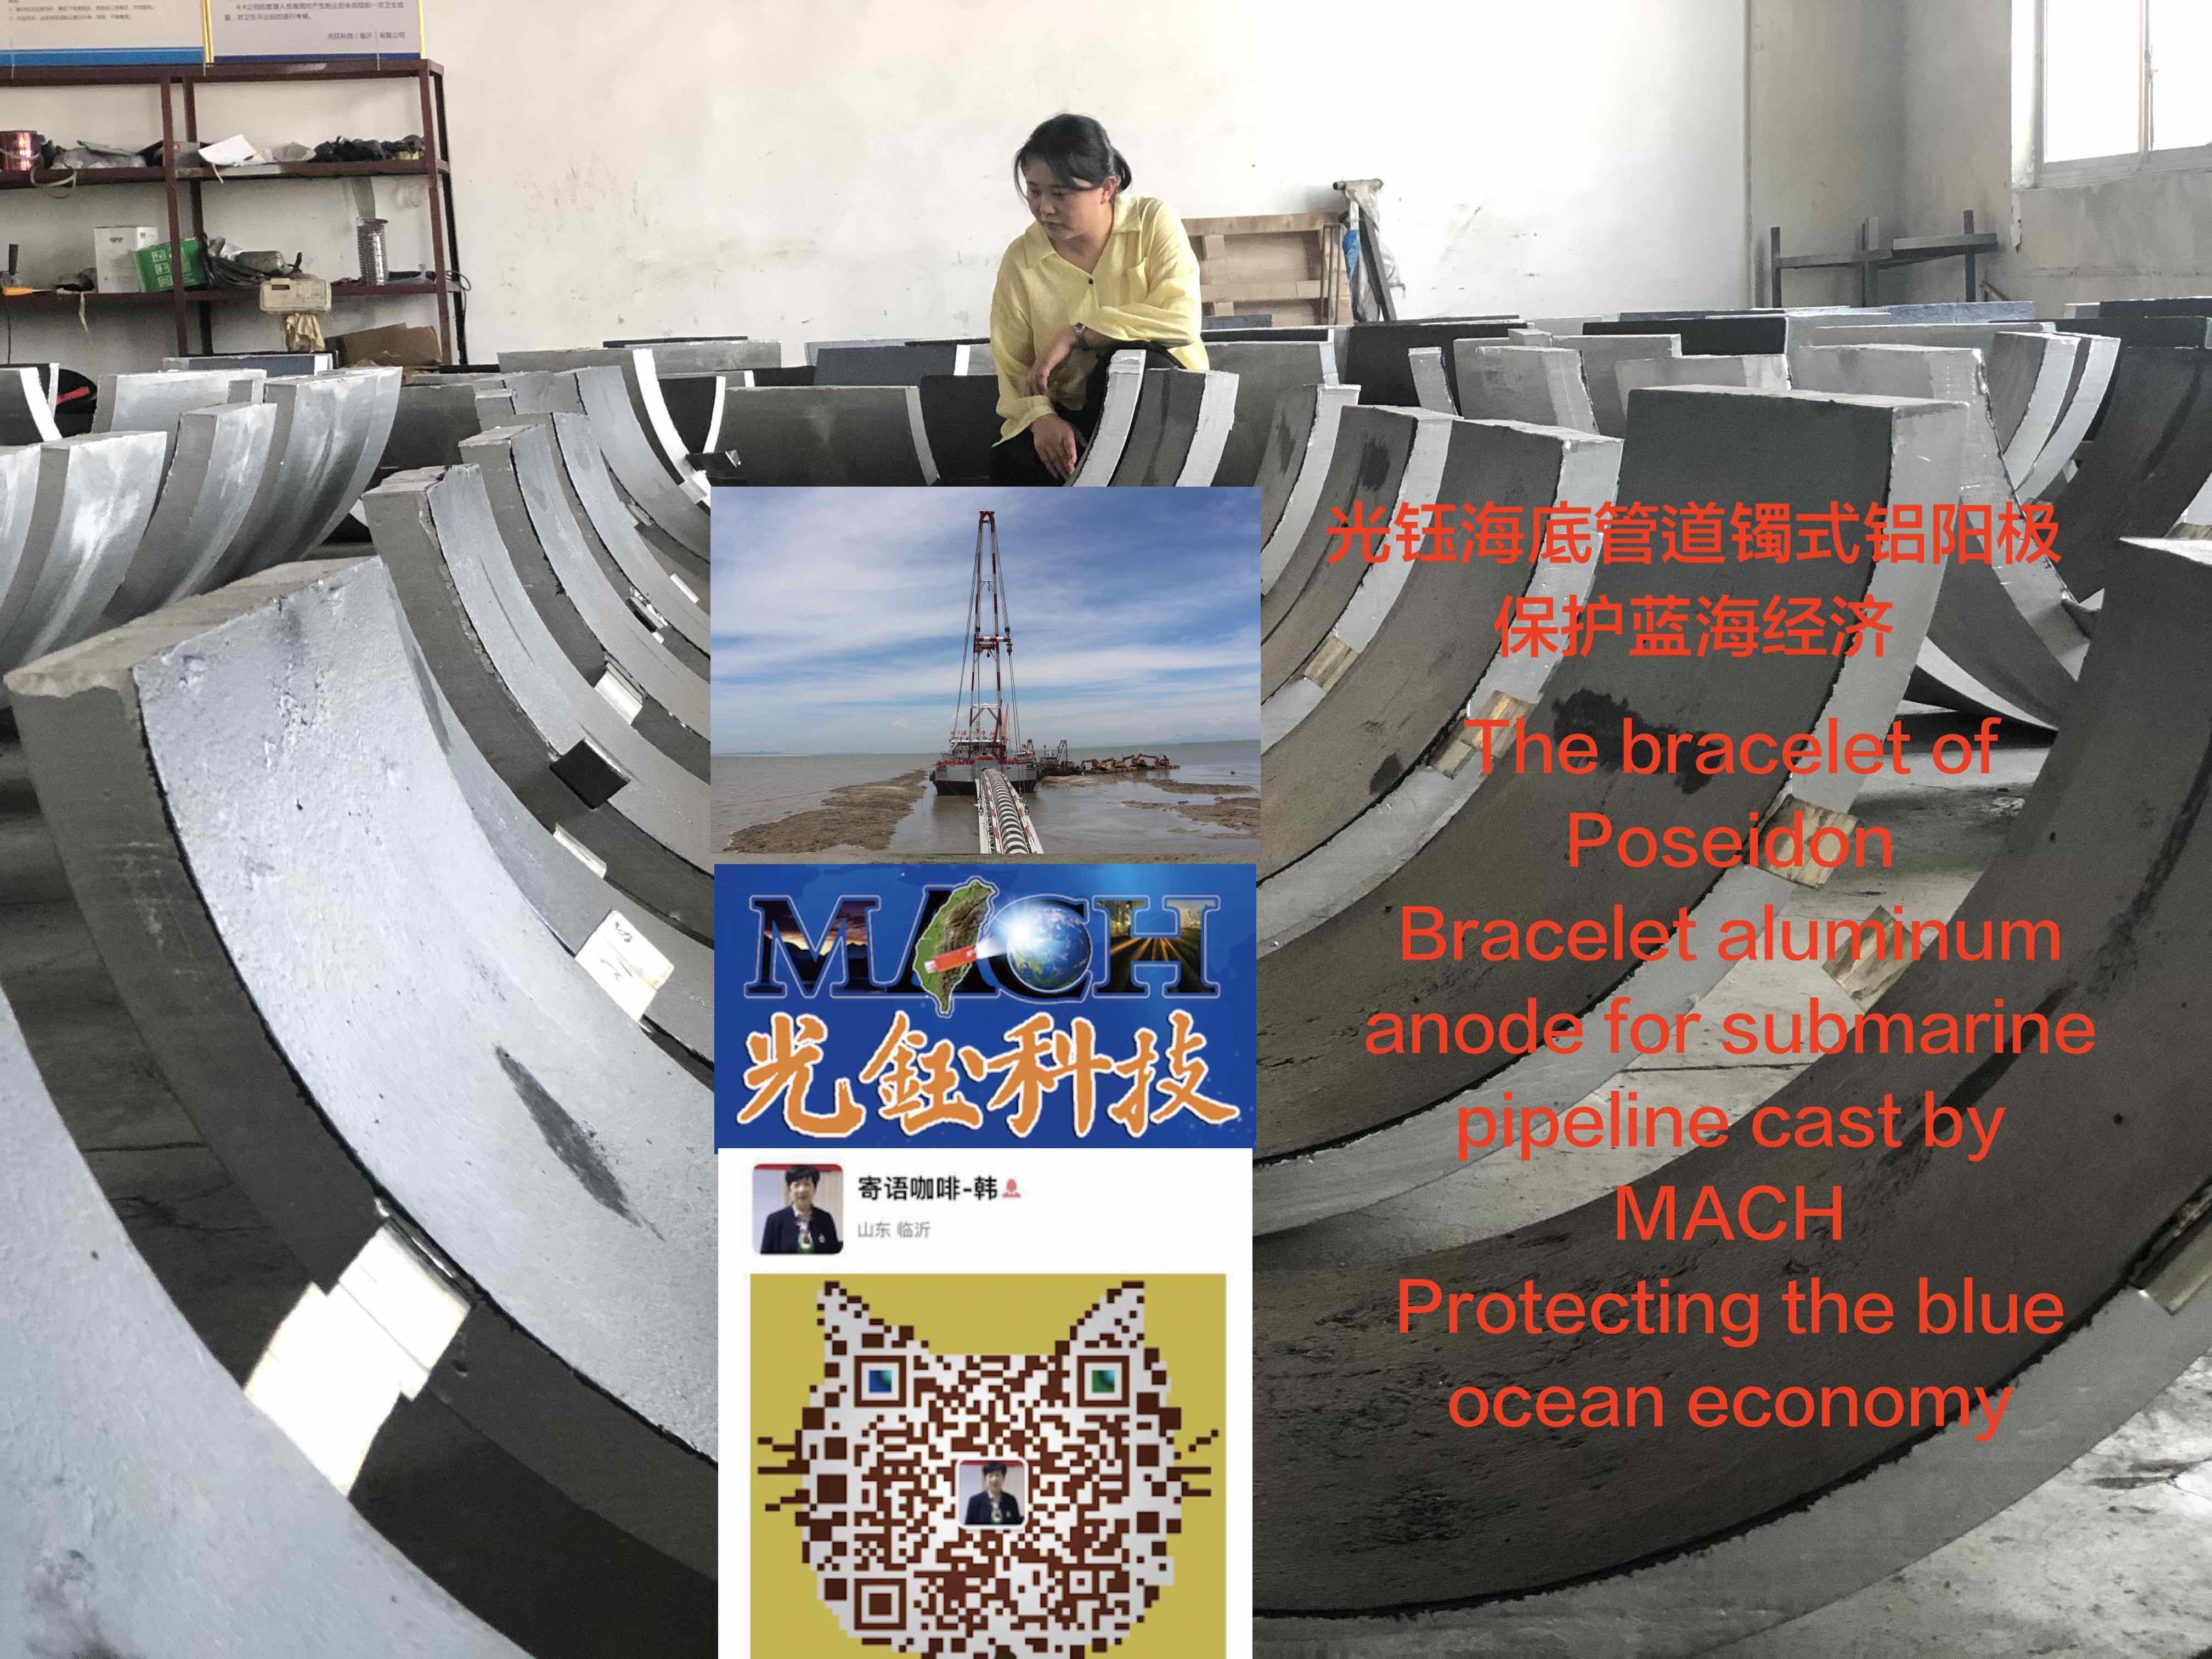 海神波塞冬的镯子 _ 光钰海底管道镯式铝阳极保护蓝海经济